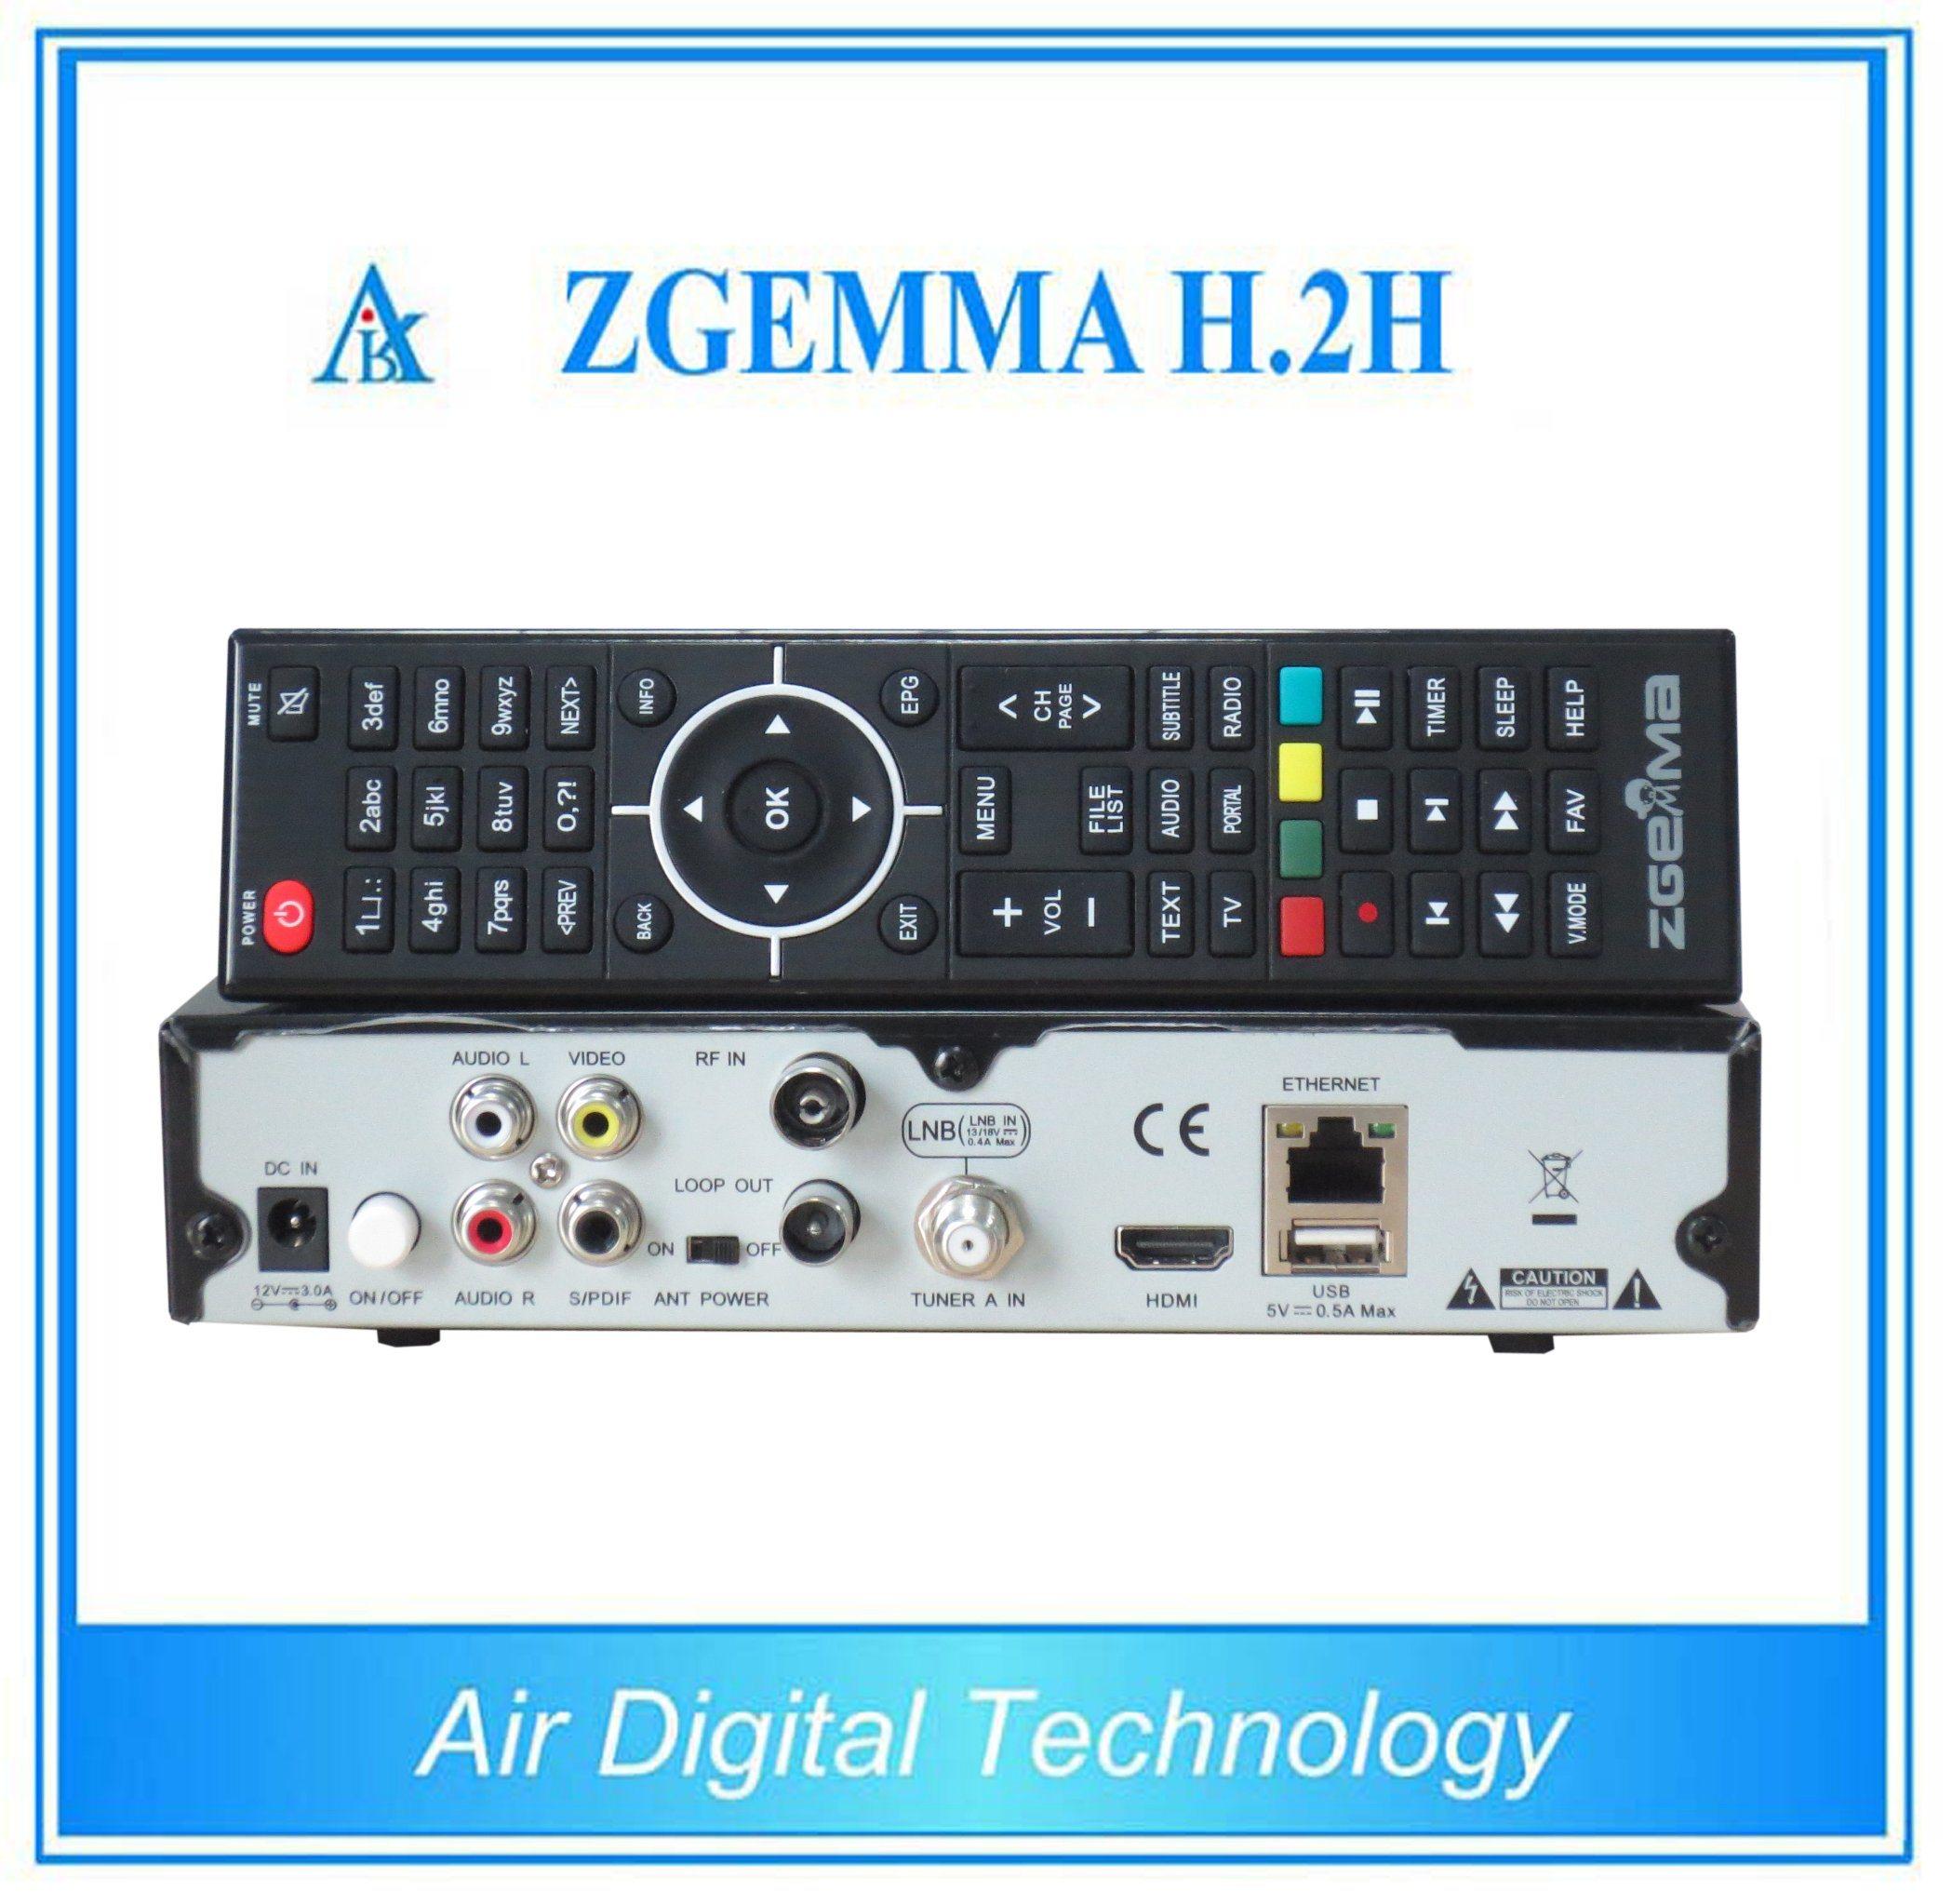 Combo Receiver Zgemma H. 2h with DVB-S2 + DVB-T2/C Hybrid Tuner